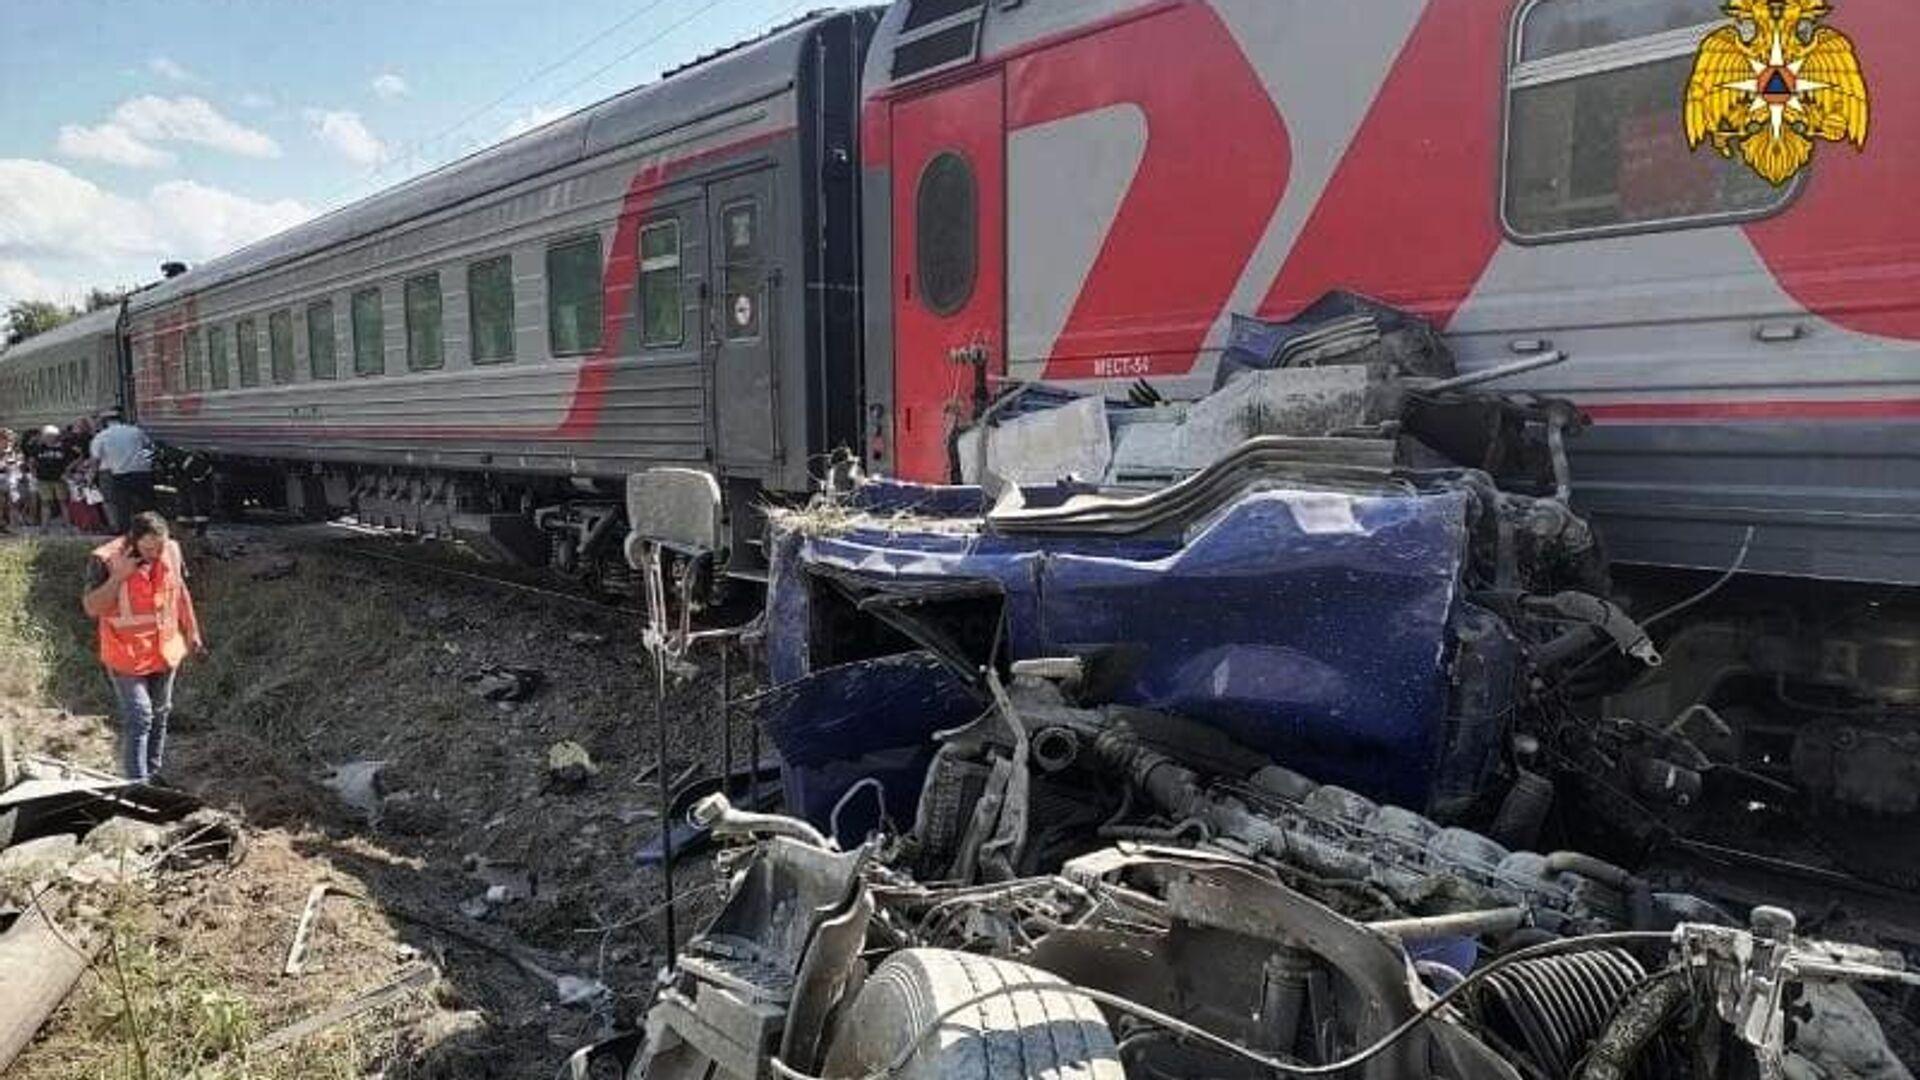 На месте столкновения пассажирского поезда с грузовиком на железнодорожном переезде в Калужской области - РИА Новости, 1920, 31.07.2021